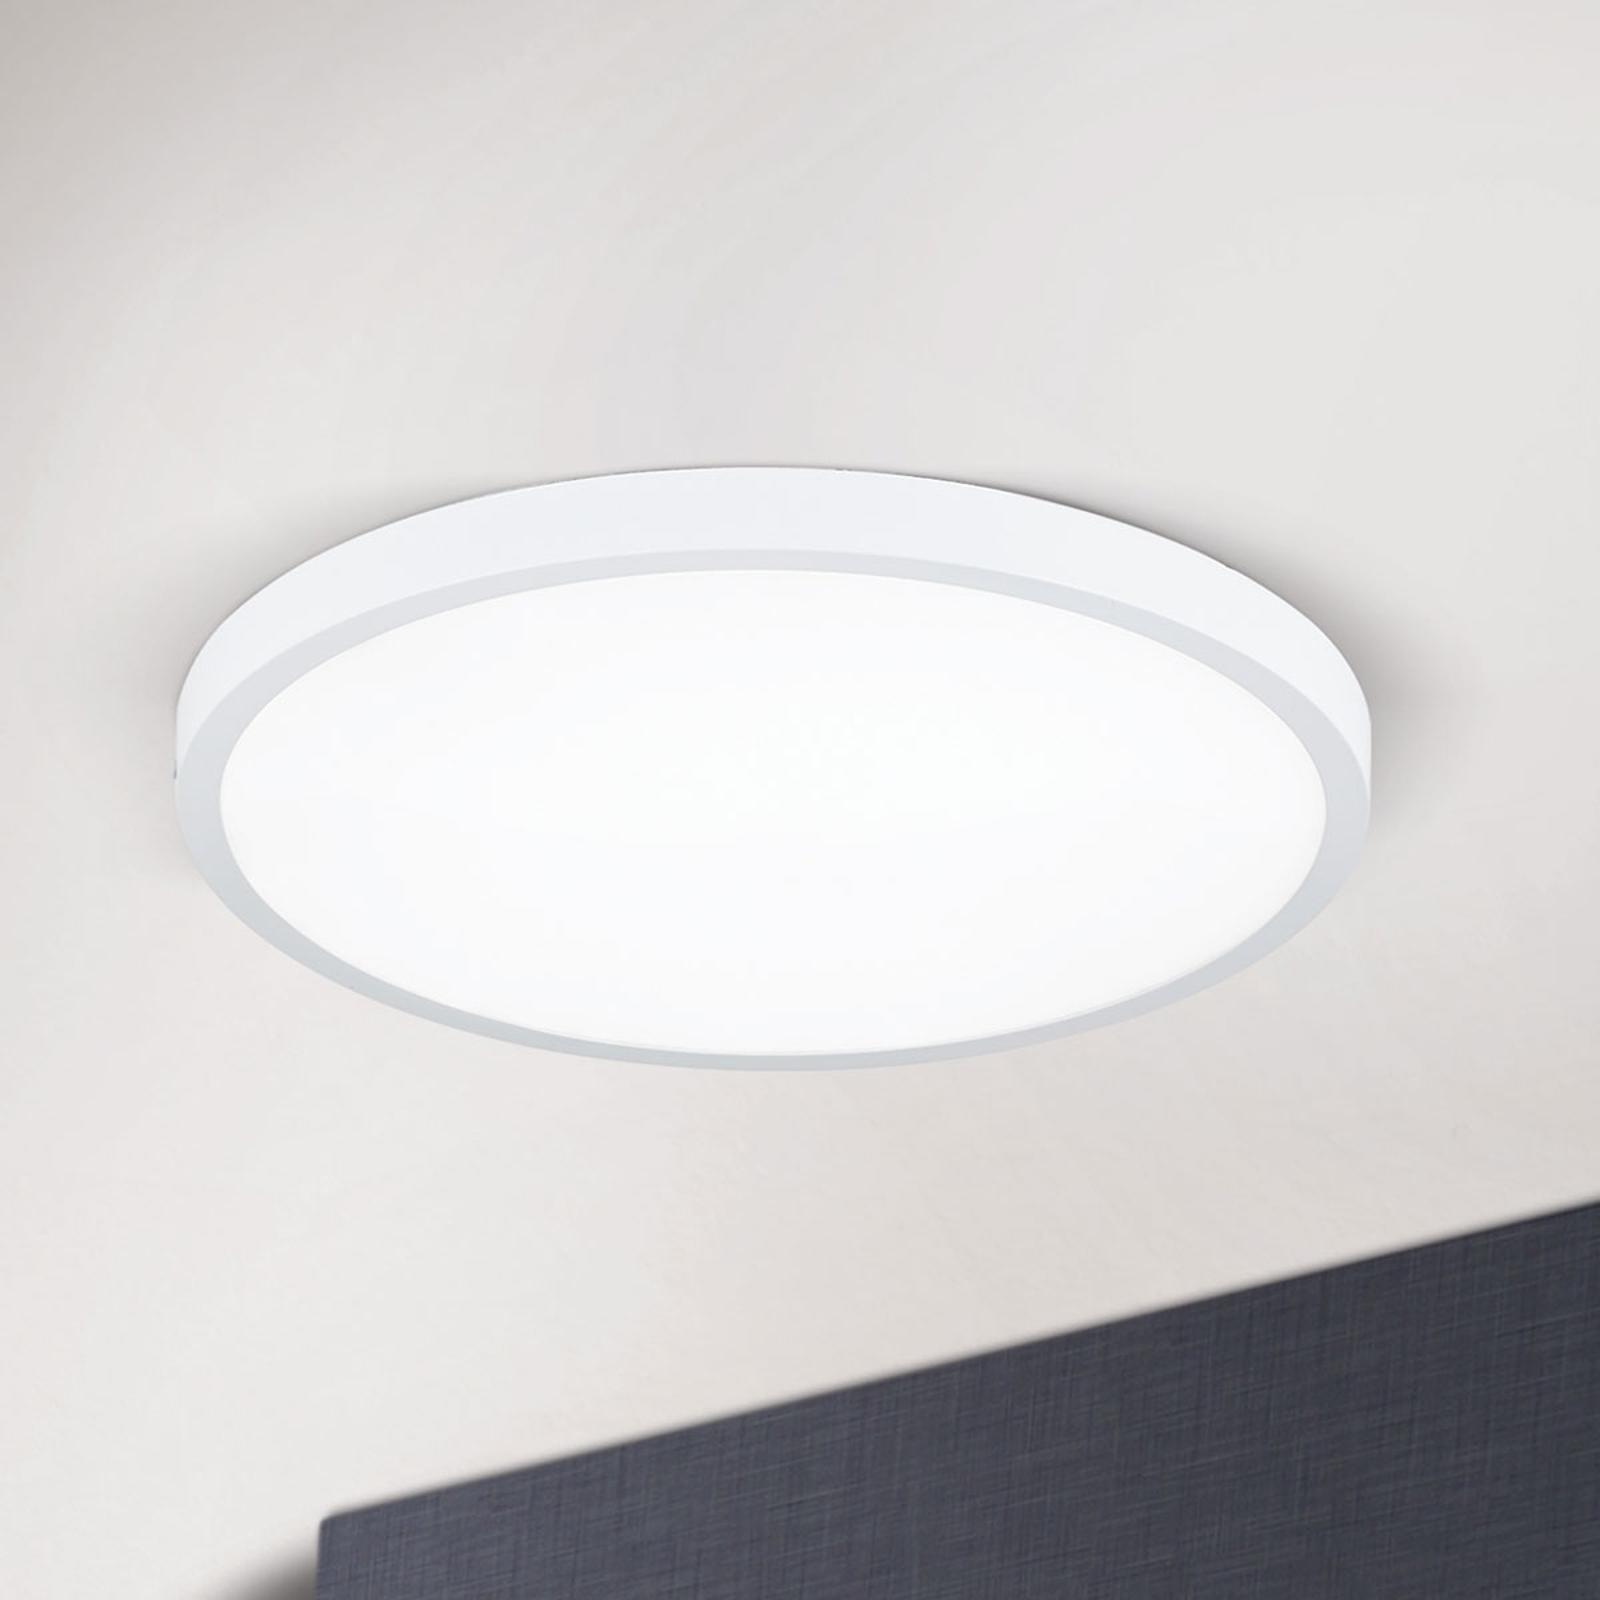 Ultraploché LED stropní světlo Lero Ø 40 cm